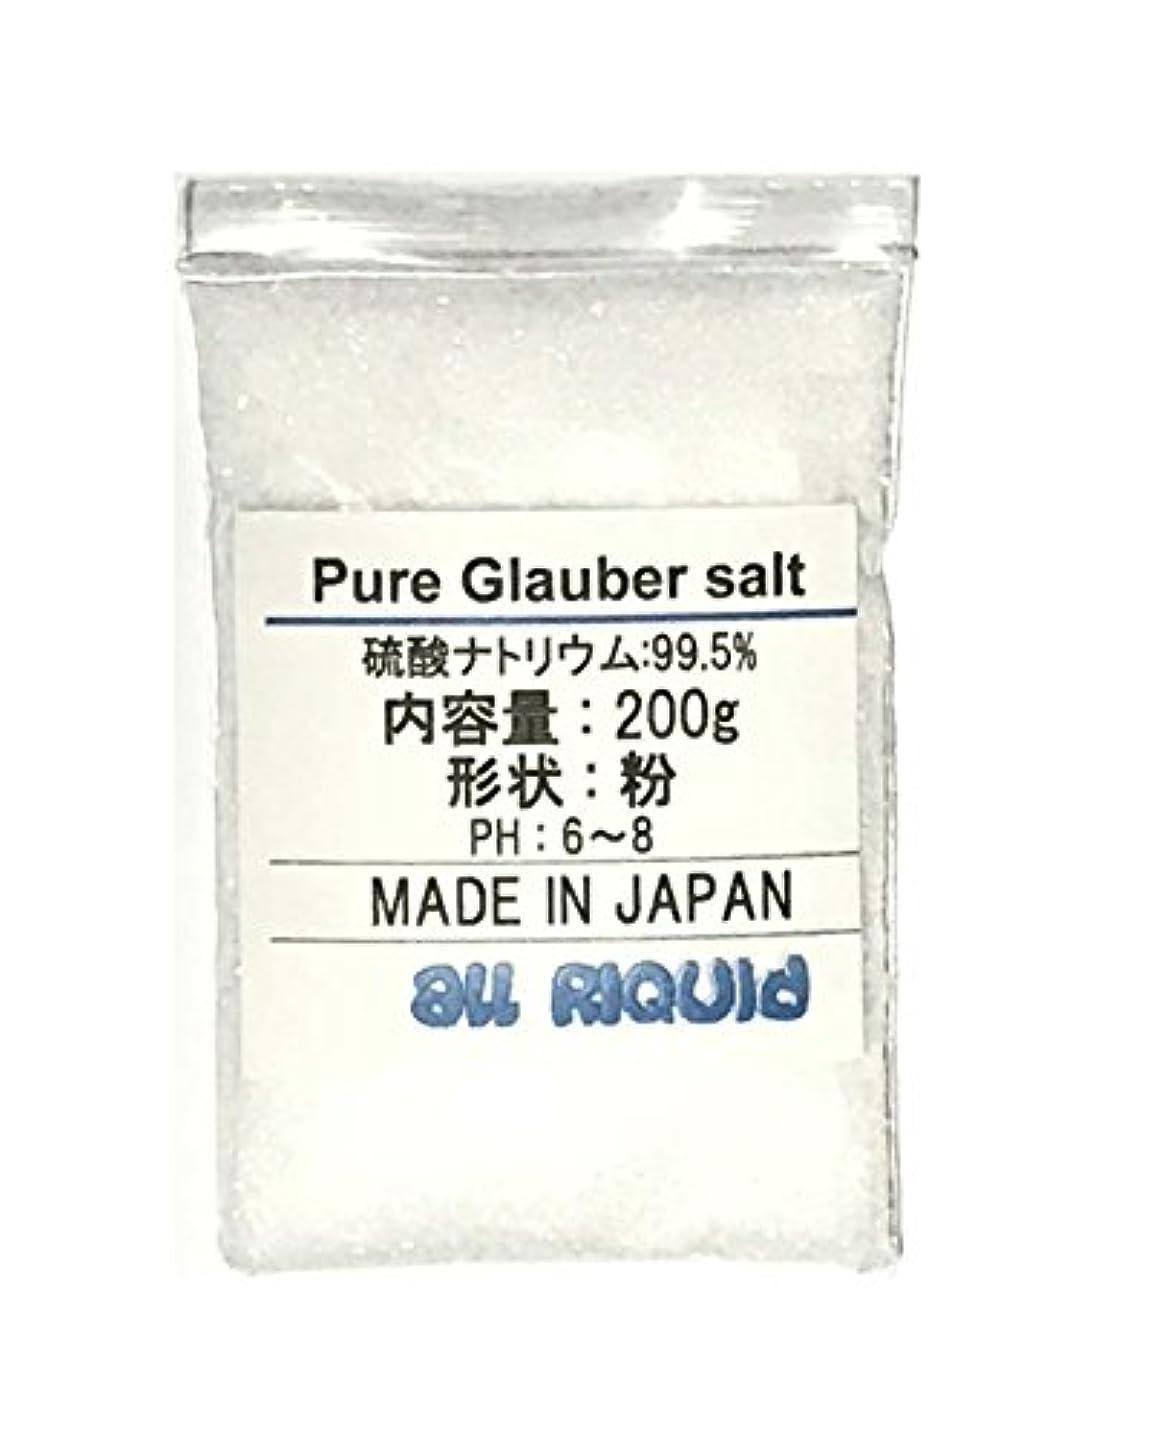 労働者セッションファンブル純 グラウバー 無香料 200g x4 (硫酸ナトリウム) 40回分 99.5% 国産品 オールリキッド 芒硝